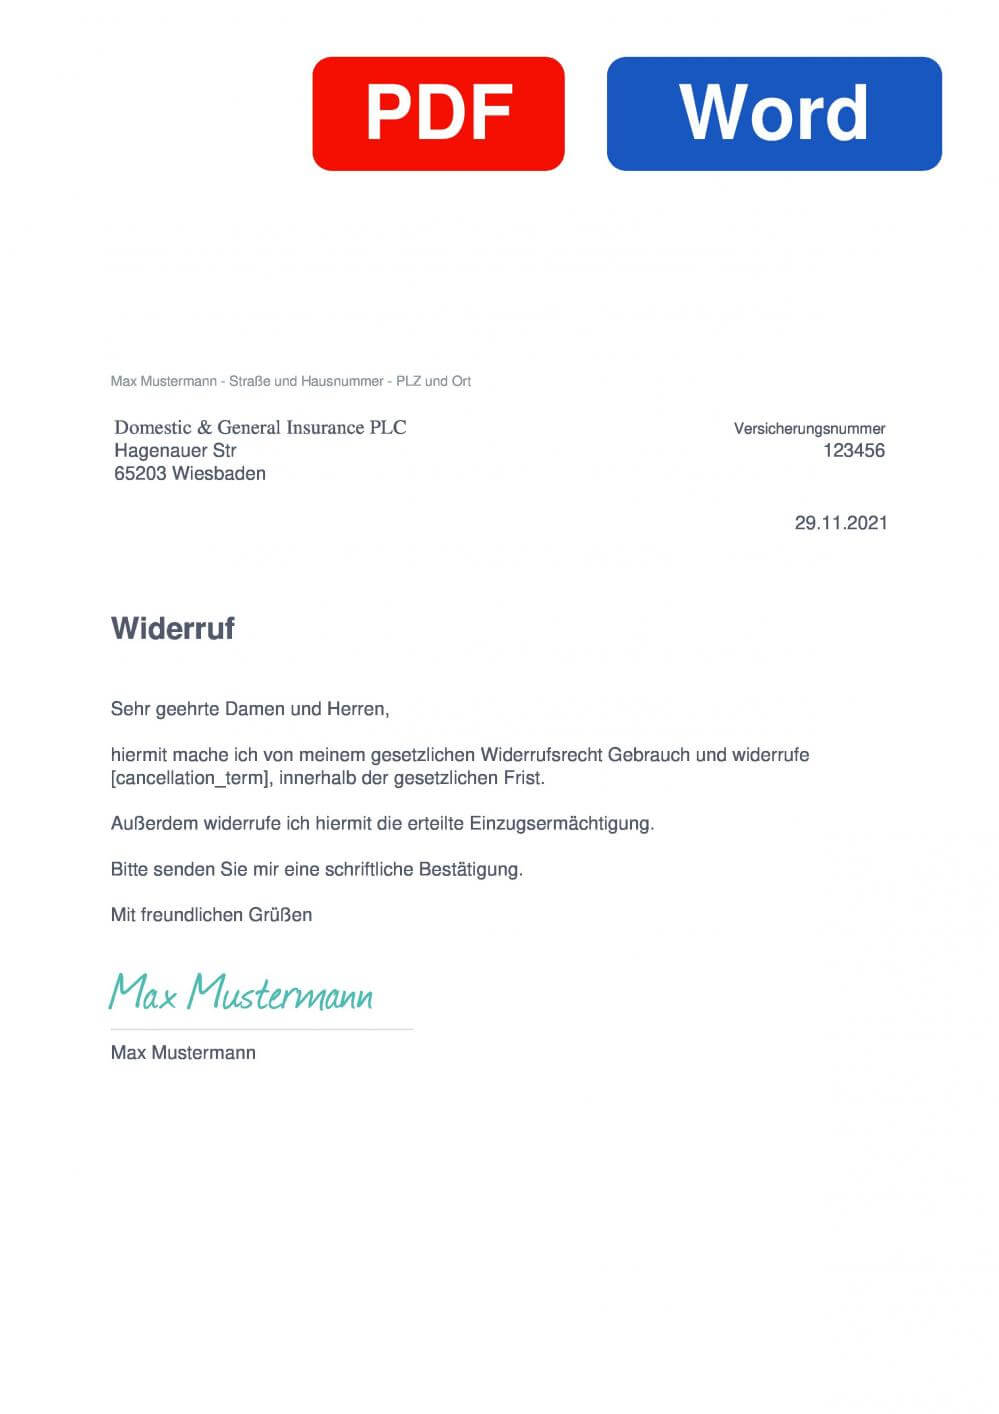 Domestic & General Muster Vorlage für Wiederrufsschreiben